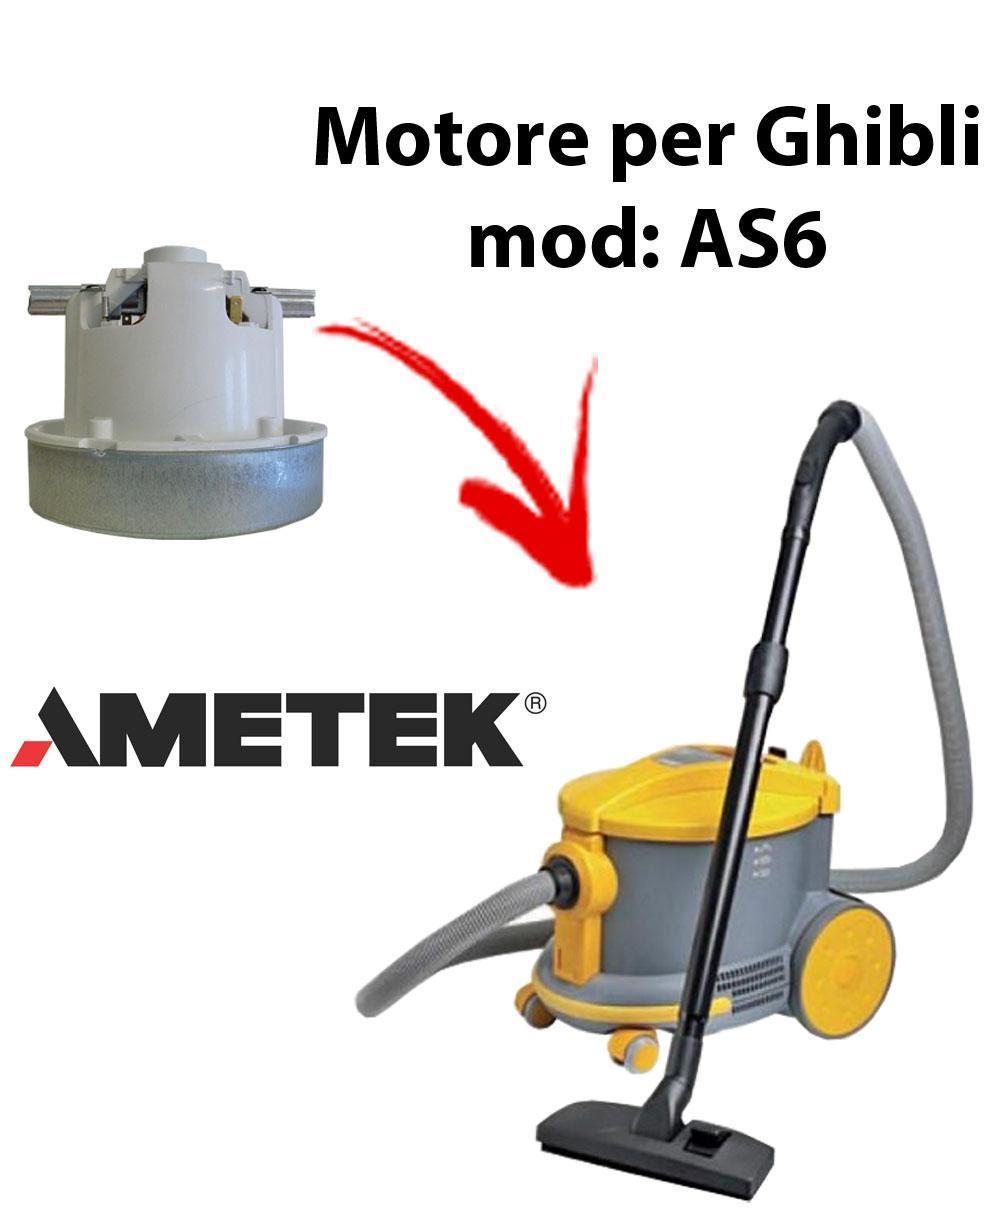 AS6 Saugmotor AMETEK für Staubsauger GHIBLI